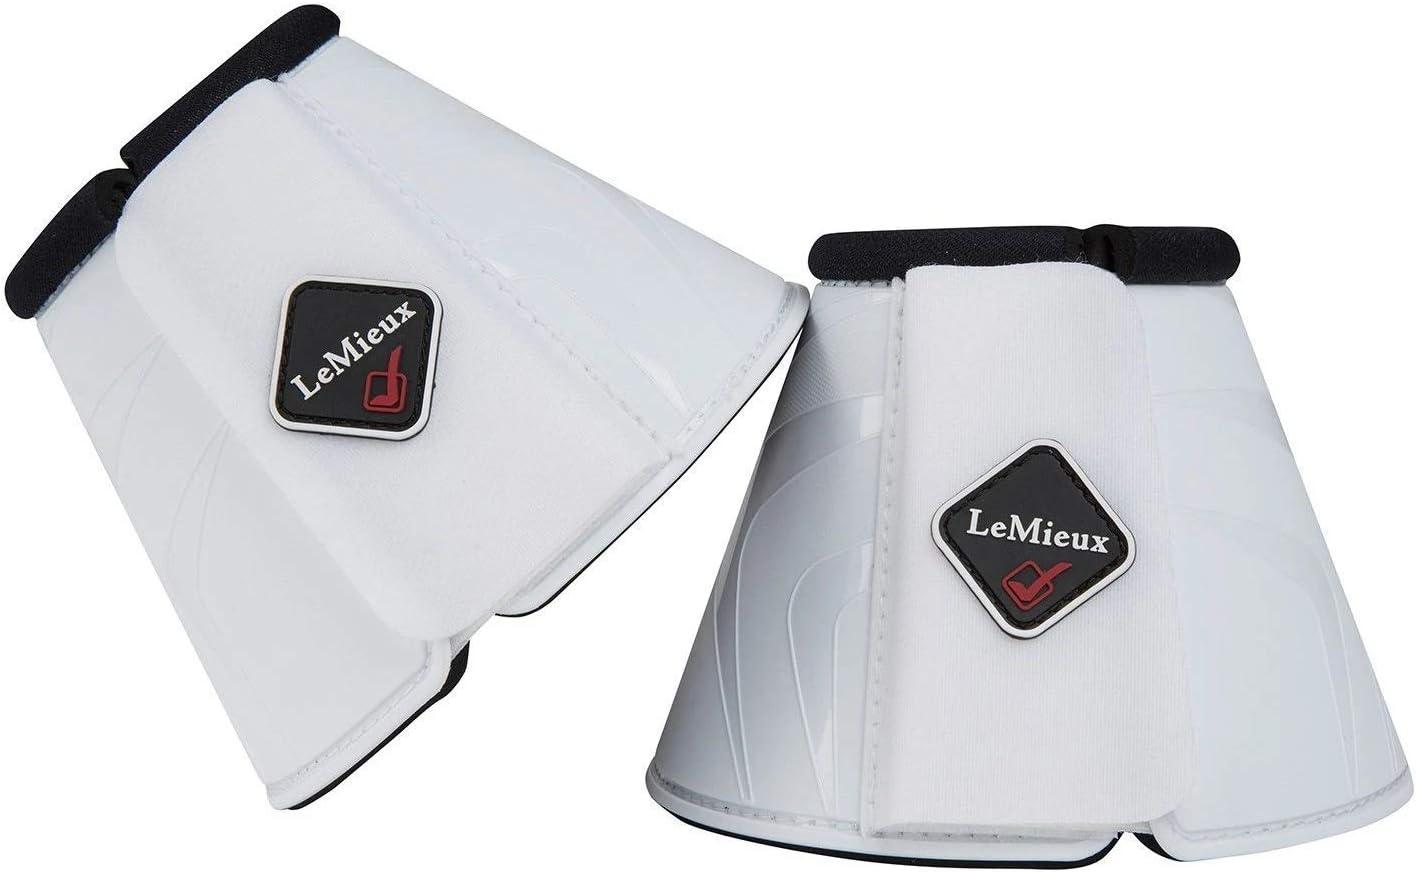 Unisex Adulto LeMieux Proshell Over Reach Boots Pair Botas de Alcance